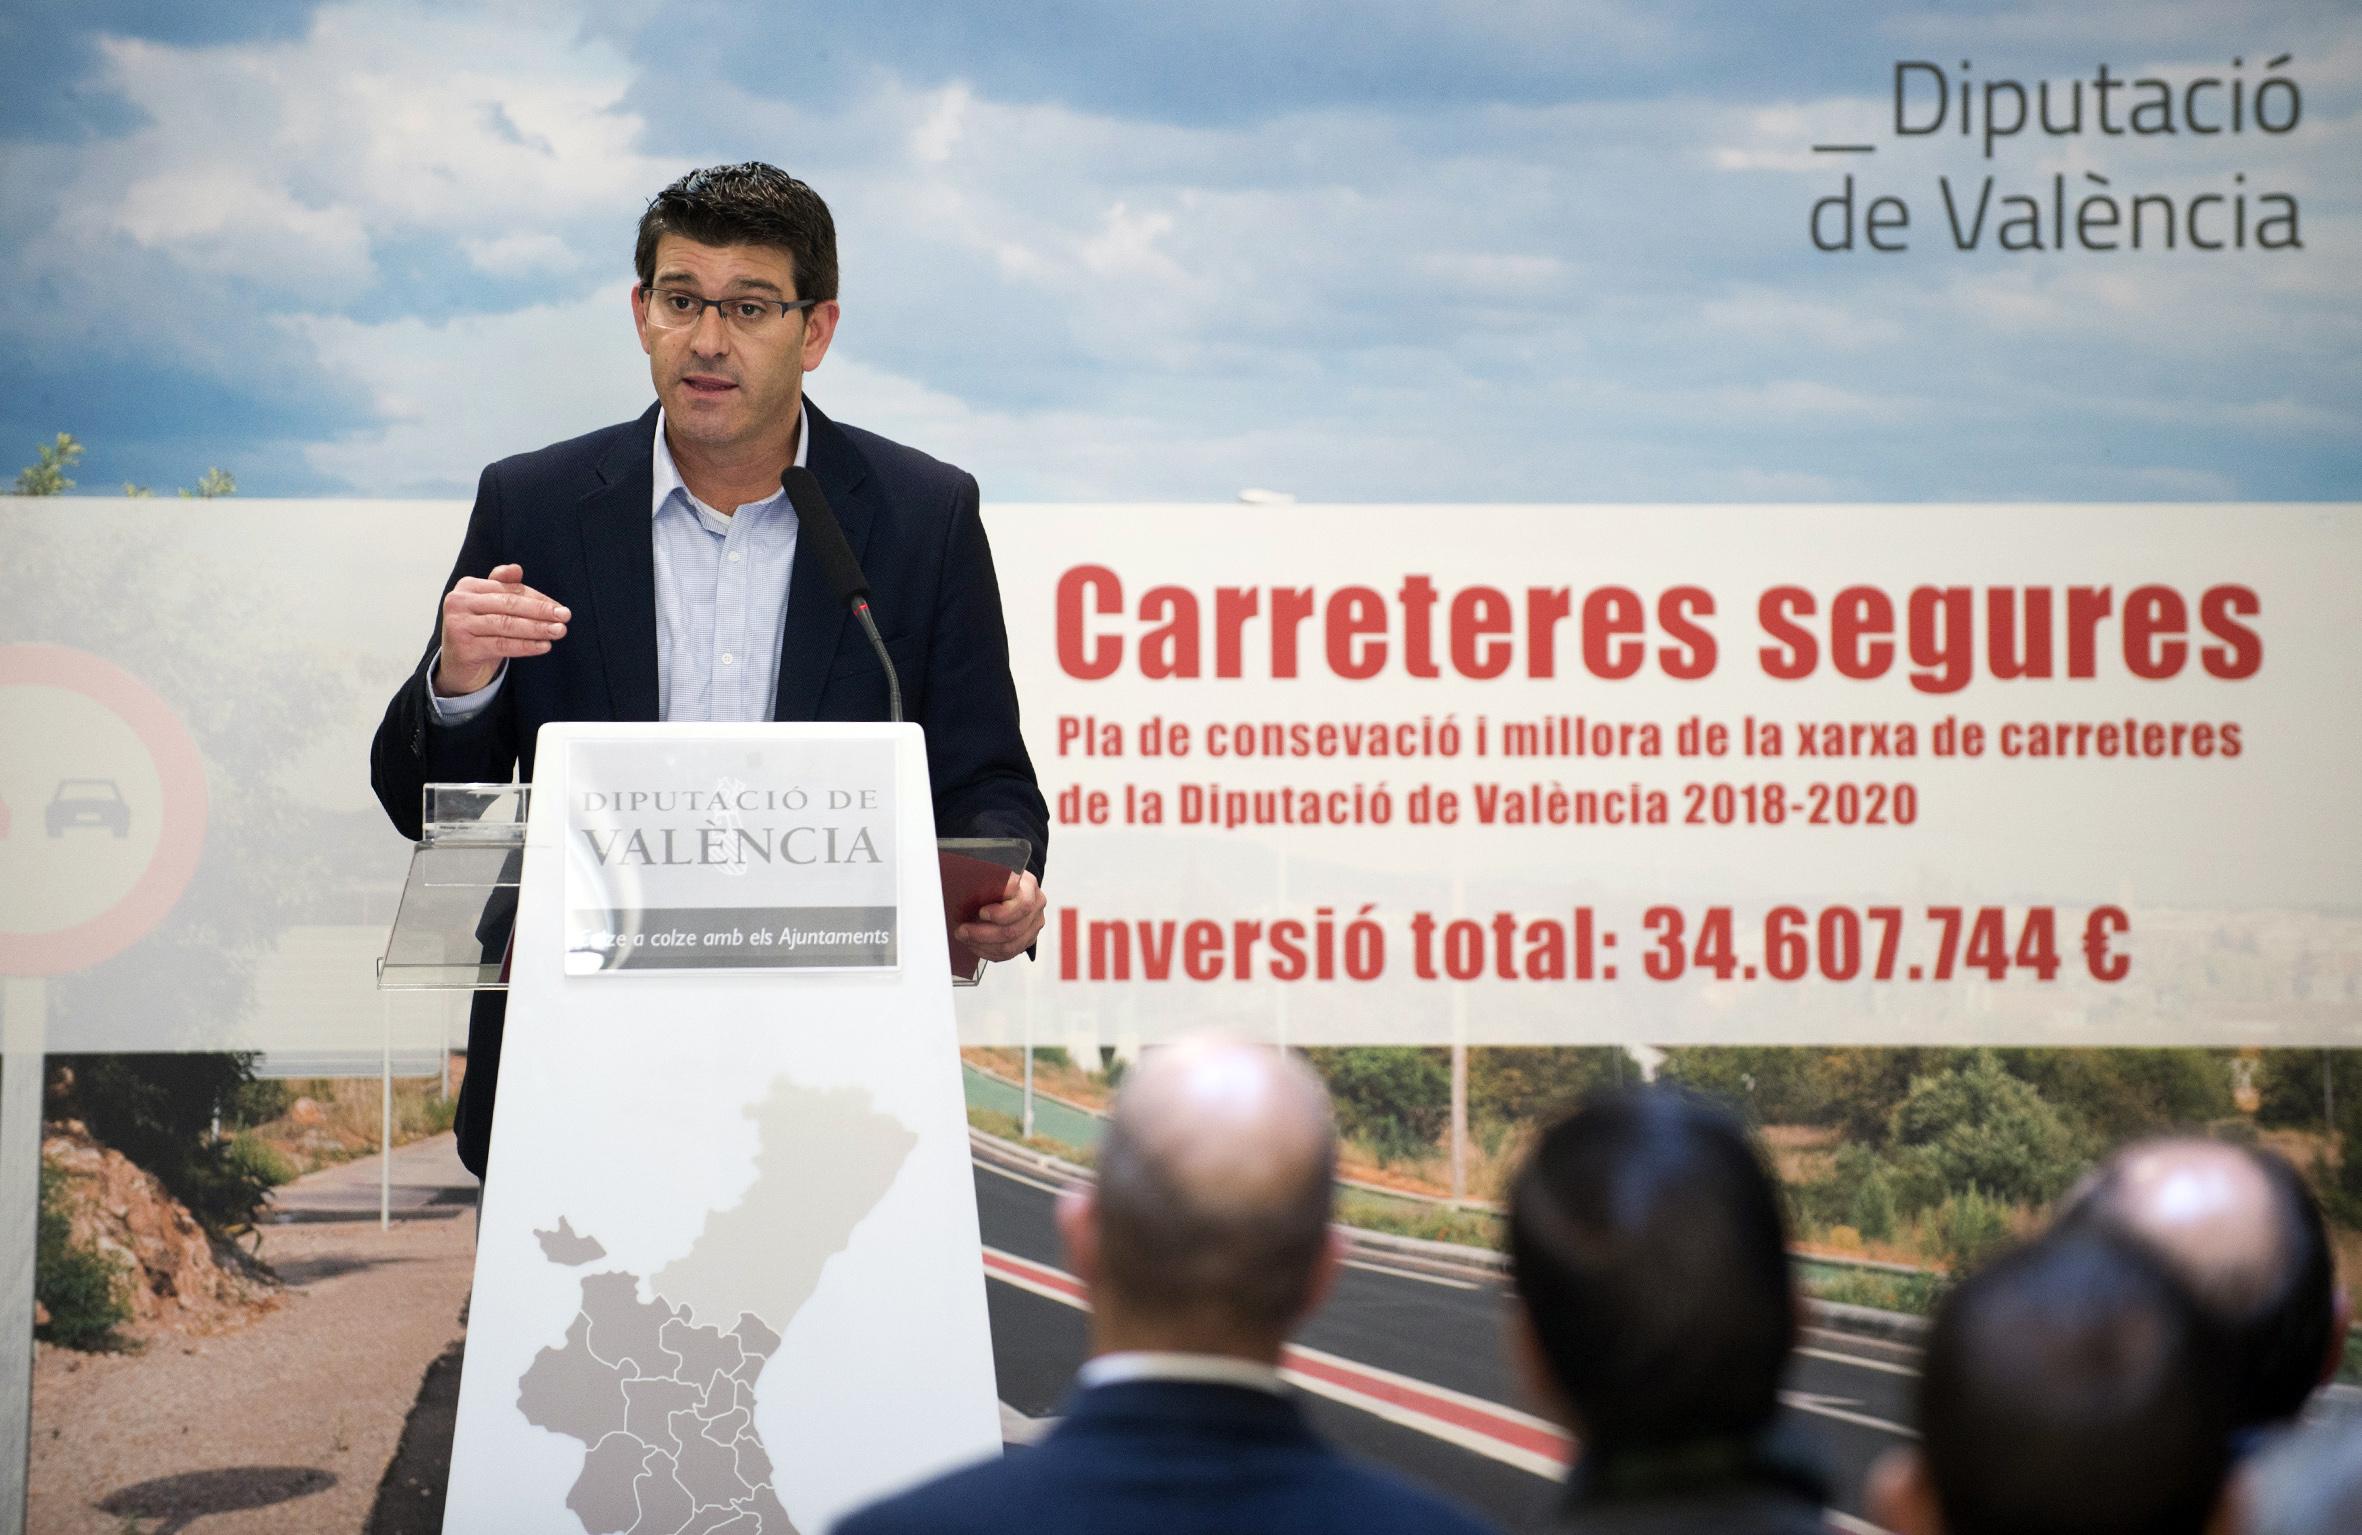 El presidente de la Diputació de València, Jorge Rodríguez durante la presentación.